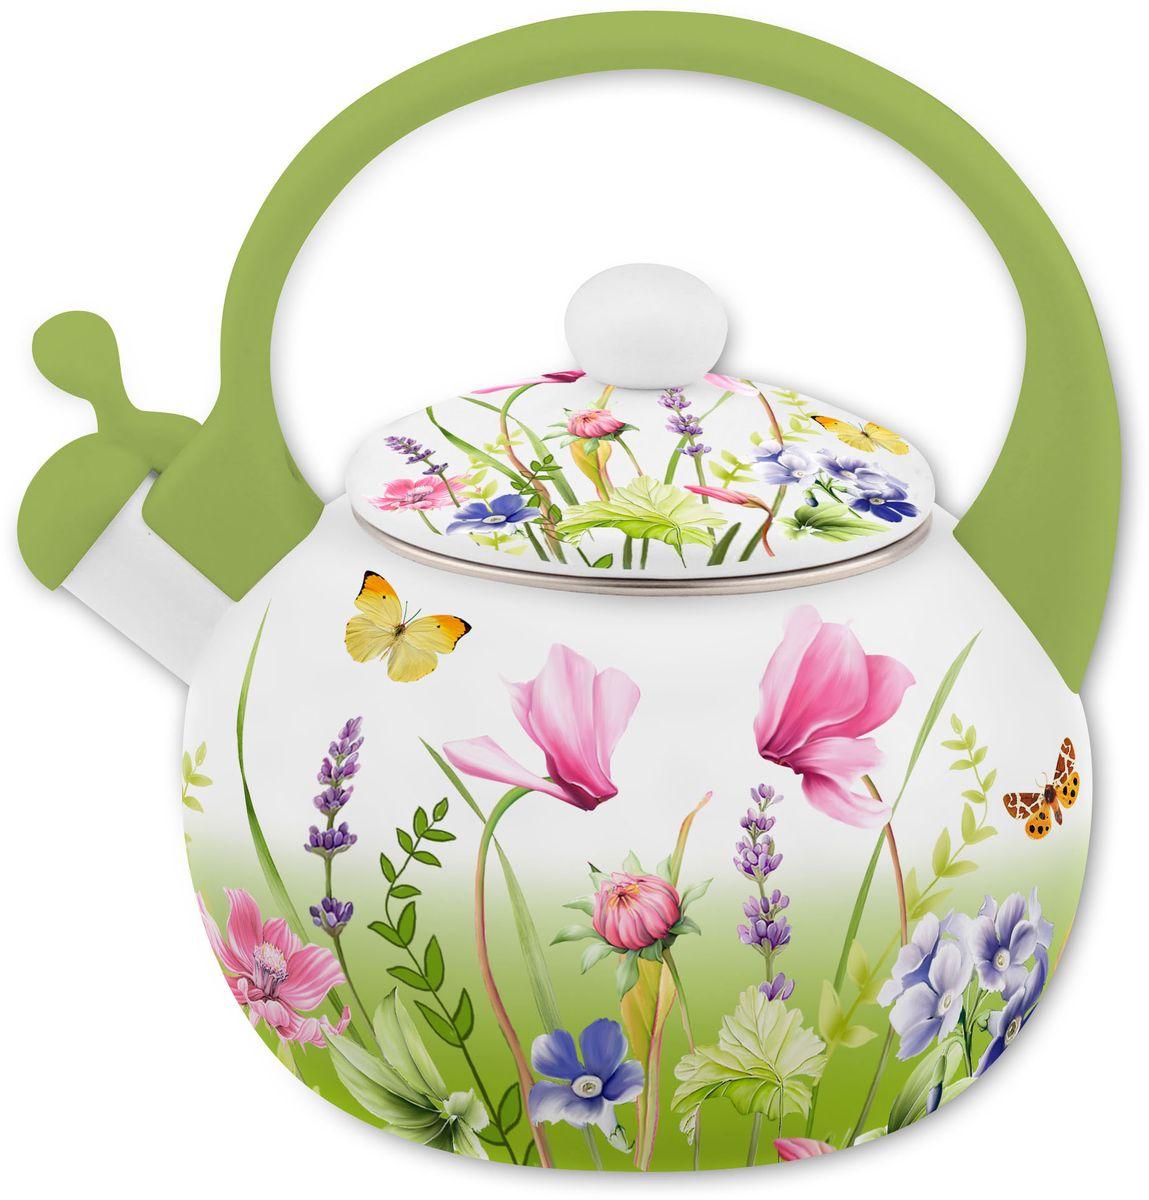 Чайник Appetite Примавера, со свистком, 2 лРАД14458176Чайник Appetite Примавера изготовлен из высококачественного стального проката сэмалированным покрытием. Эмалированная посуда очень удобна в использовании, она практичнаи элегантна. За такой посудой легко ухаживать: чистить и мыть. Чайники с эмалированнымпокрытием обладают неоспоримым преимуществом: гладкая поверхность не впитывает запахи ипрепятствует размножению бактерий. Чайник оснащен удобной бакелитовой ручкой. Носикчайника имеет откидной свисток, звуковой сигнал которого подскажет, когда закипит вода. Подходит для использования на всех видах плит: электрических, газовых, стеклокерамических,индукционных.